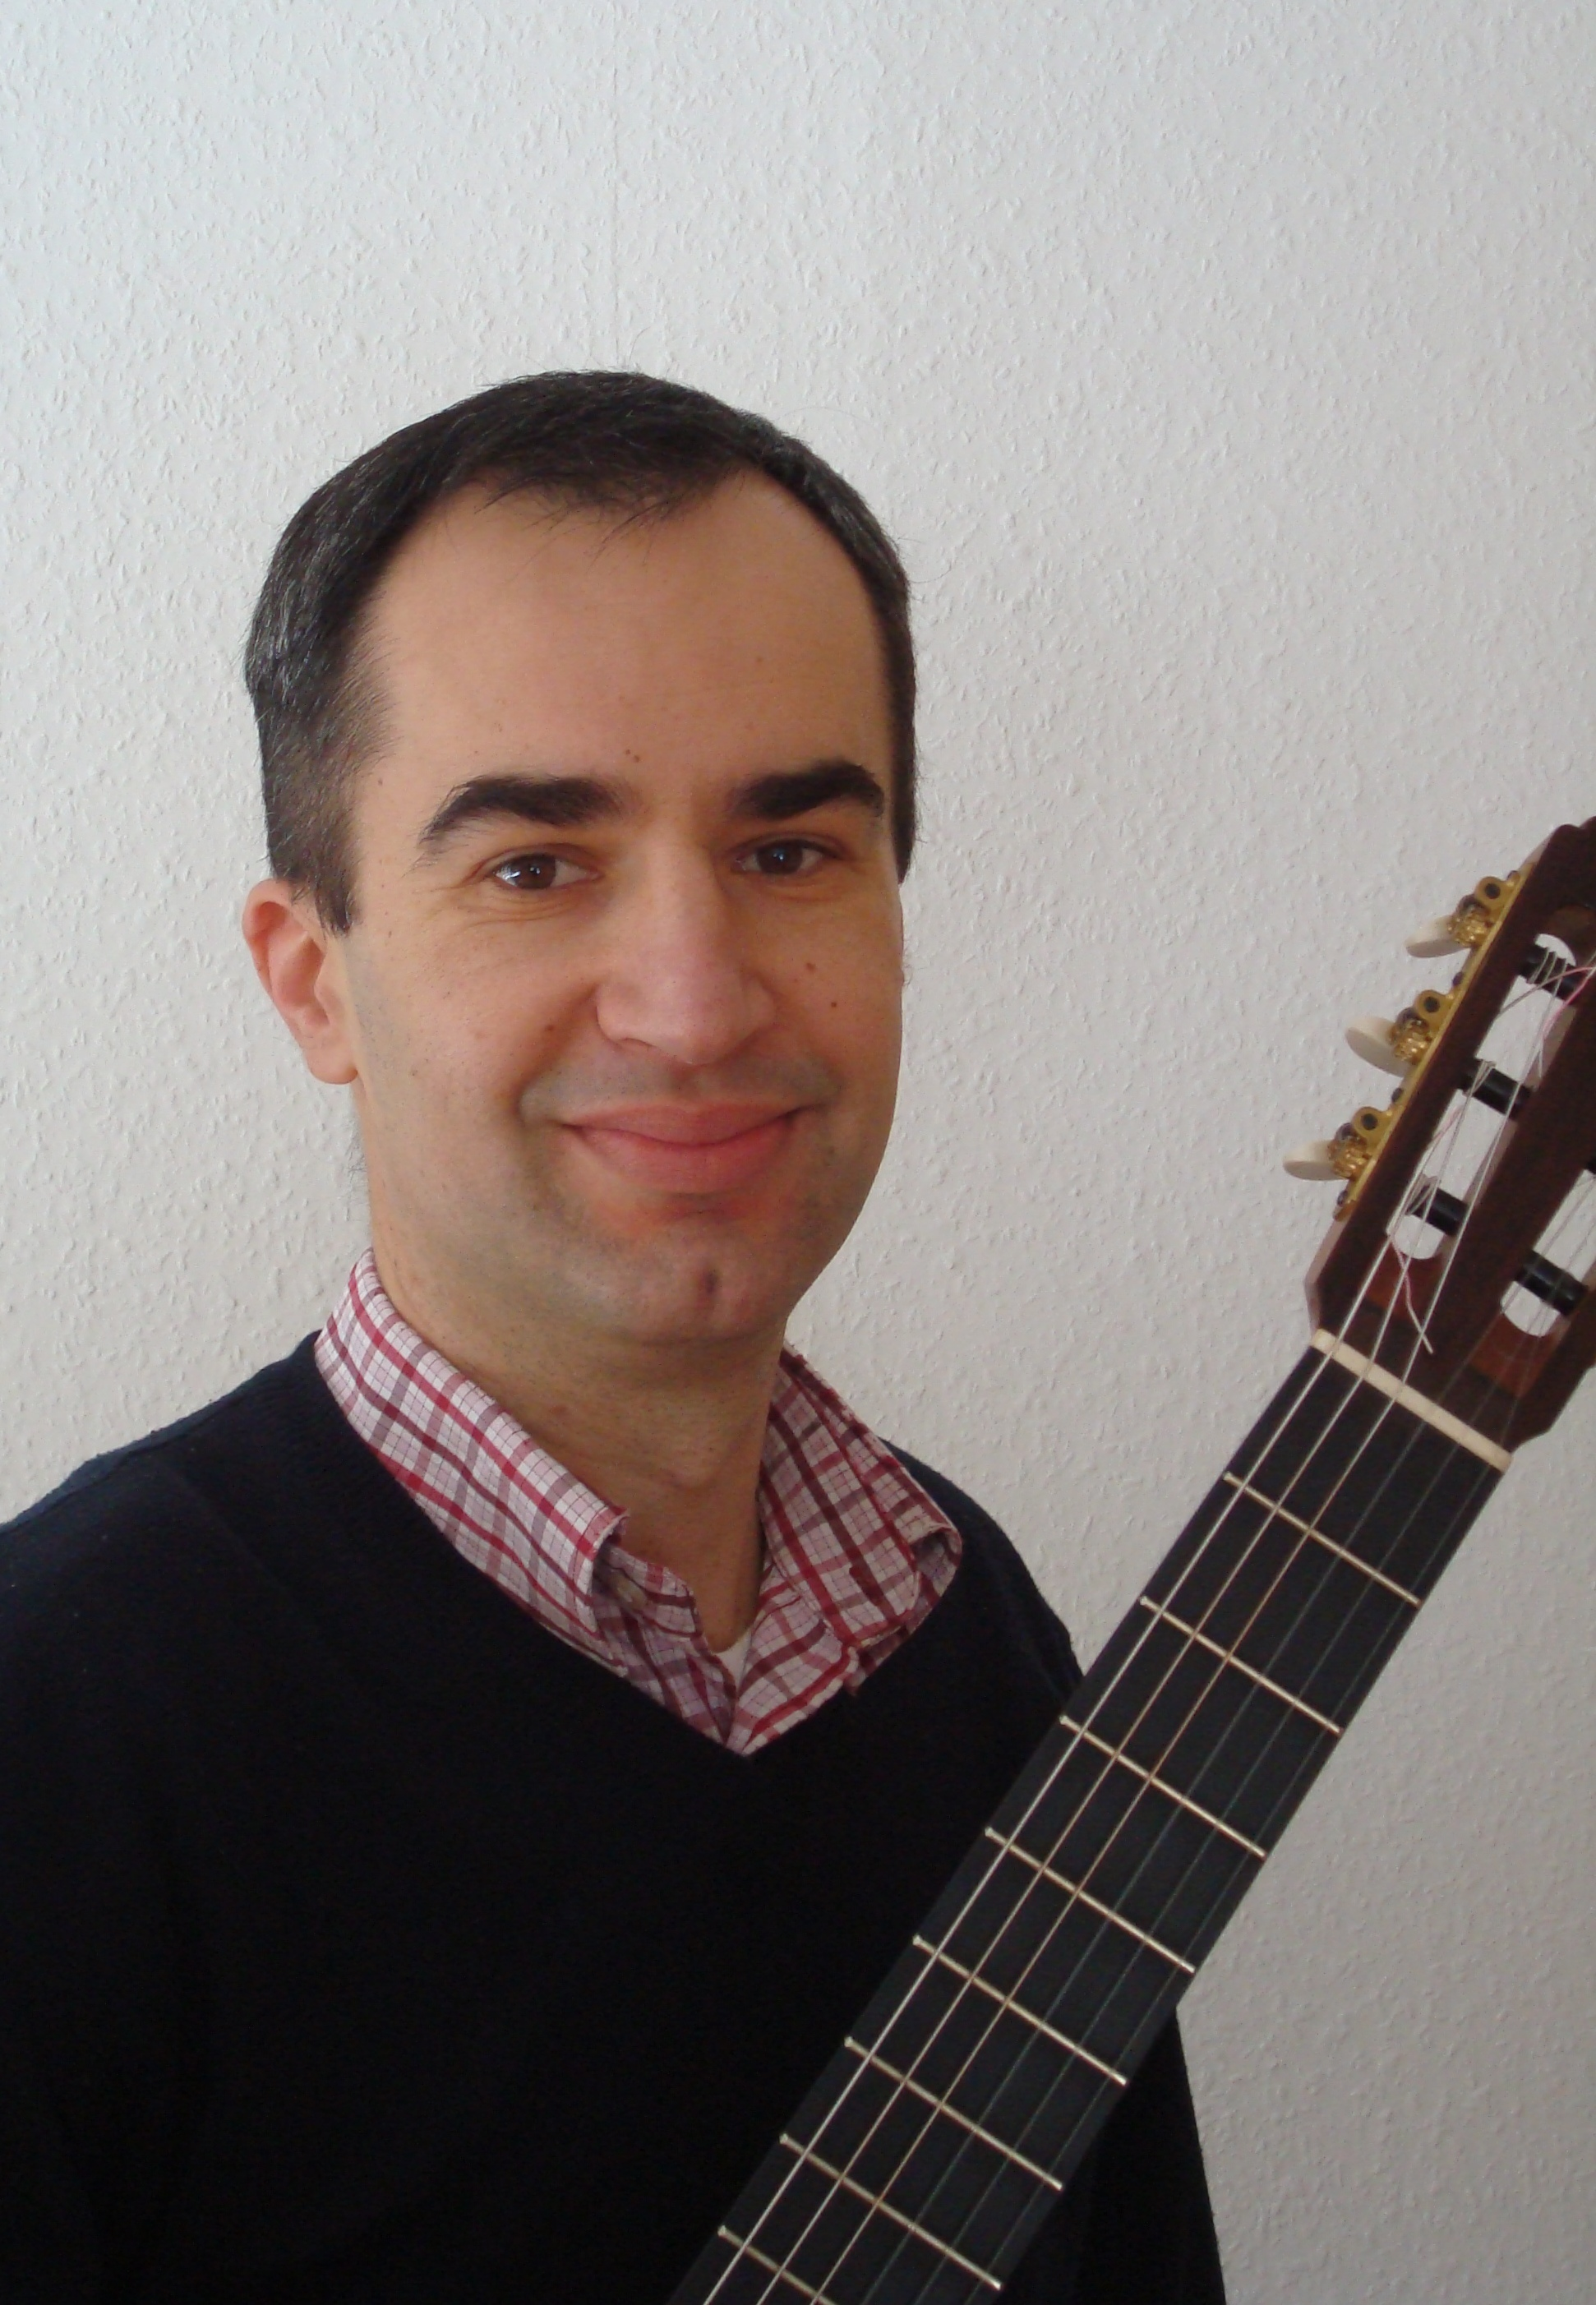 Emir Tufekcic